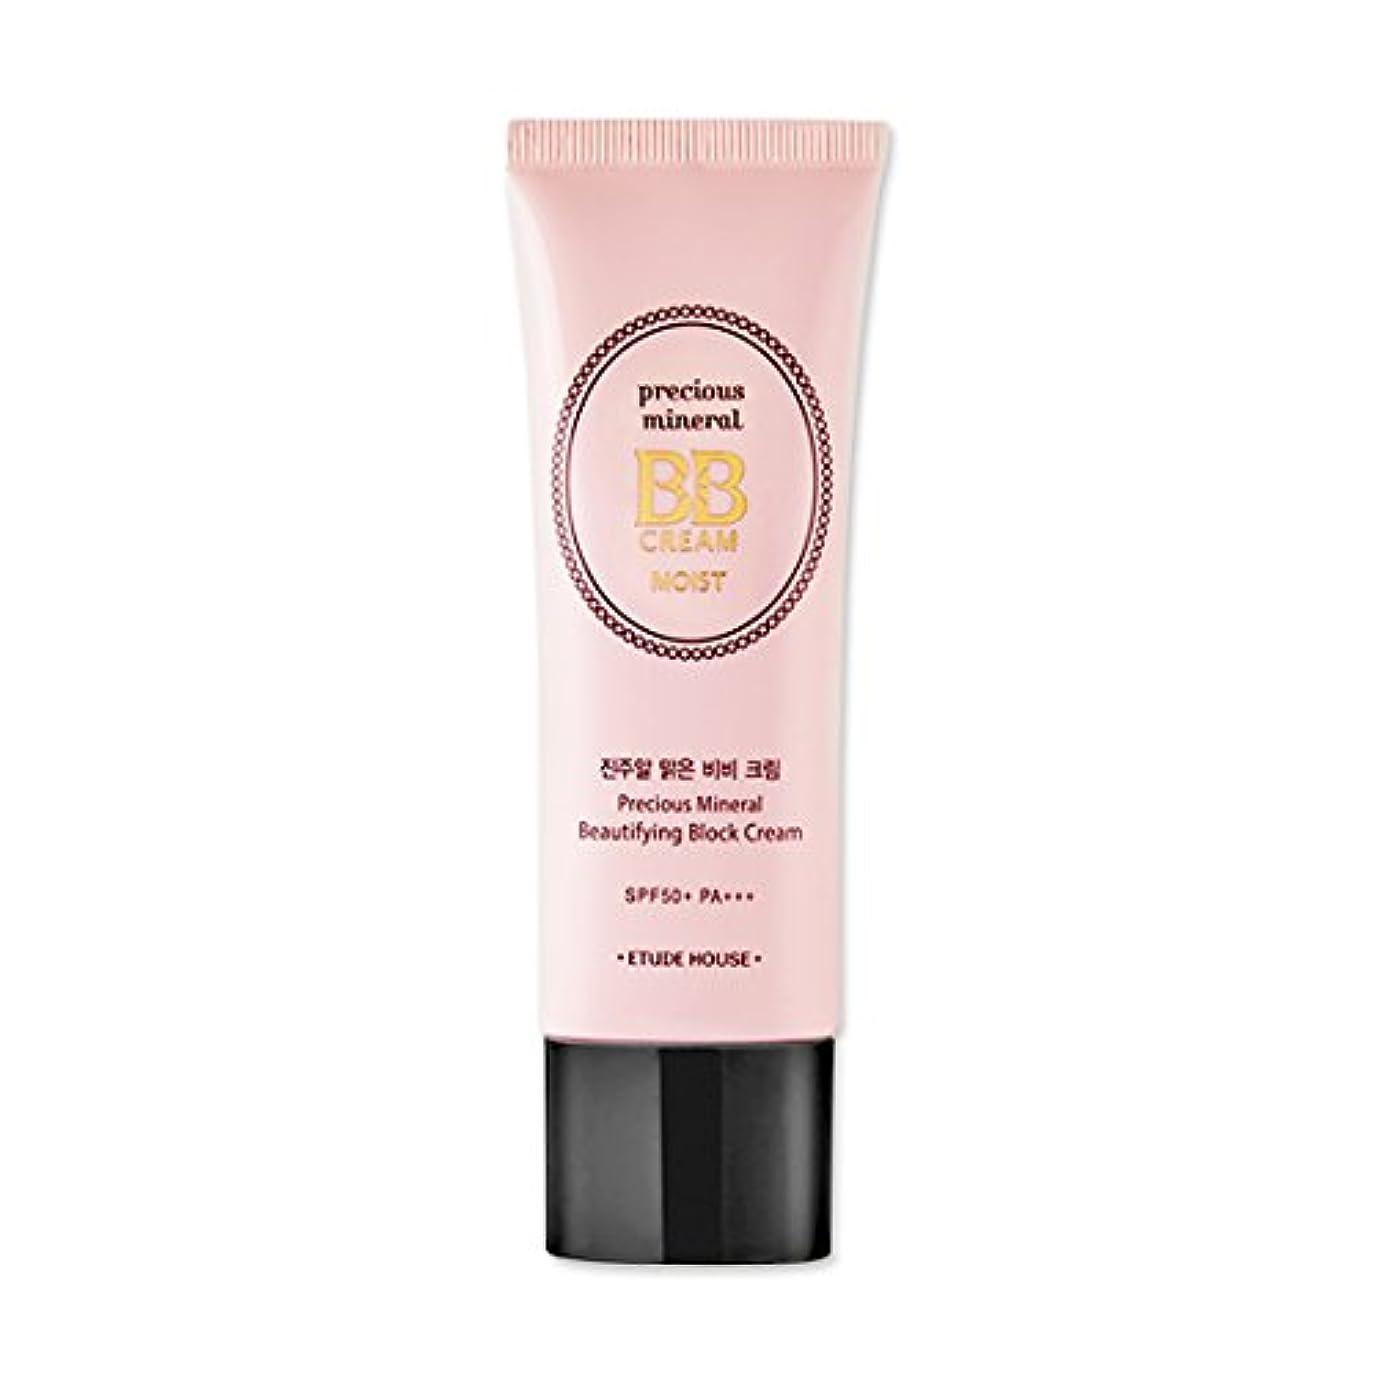 モーテル豊かにする天[New] ETUDE HOUSE Precious Mineral BB Cream * Moist * 45g/エチュードハウス プレシャス ミネラル BBクリーム * モイスト * 45g (#Beige) [並行輸入品]